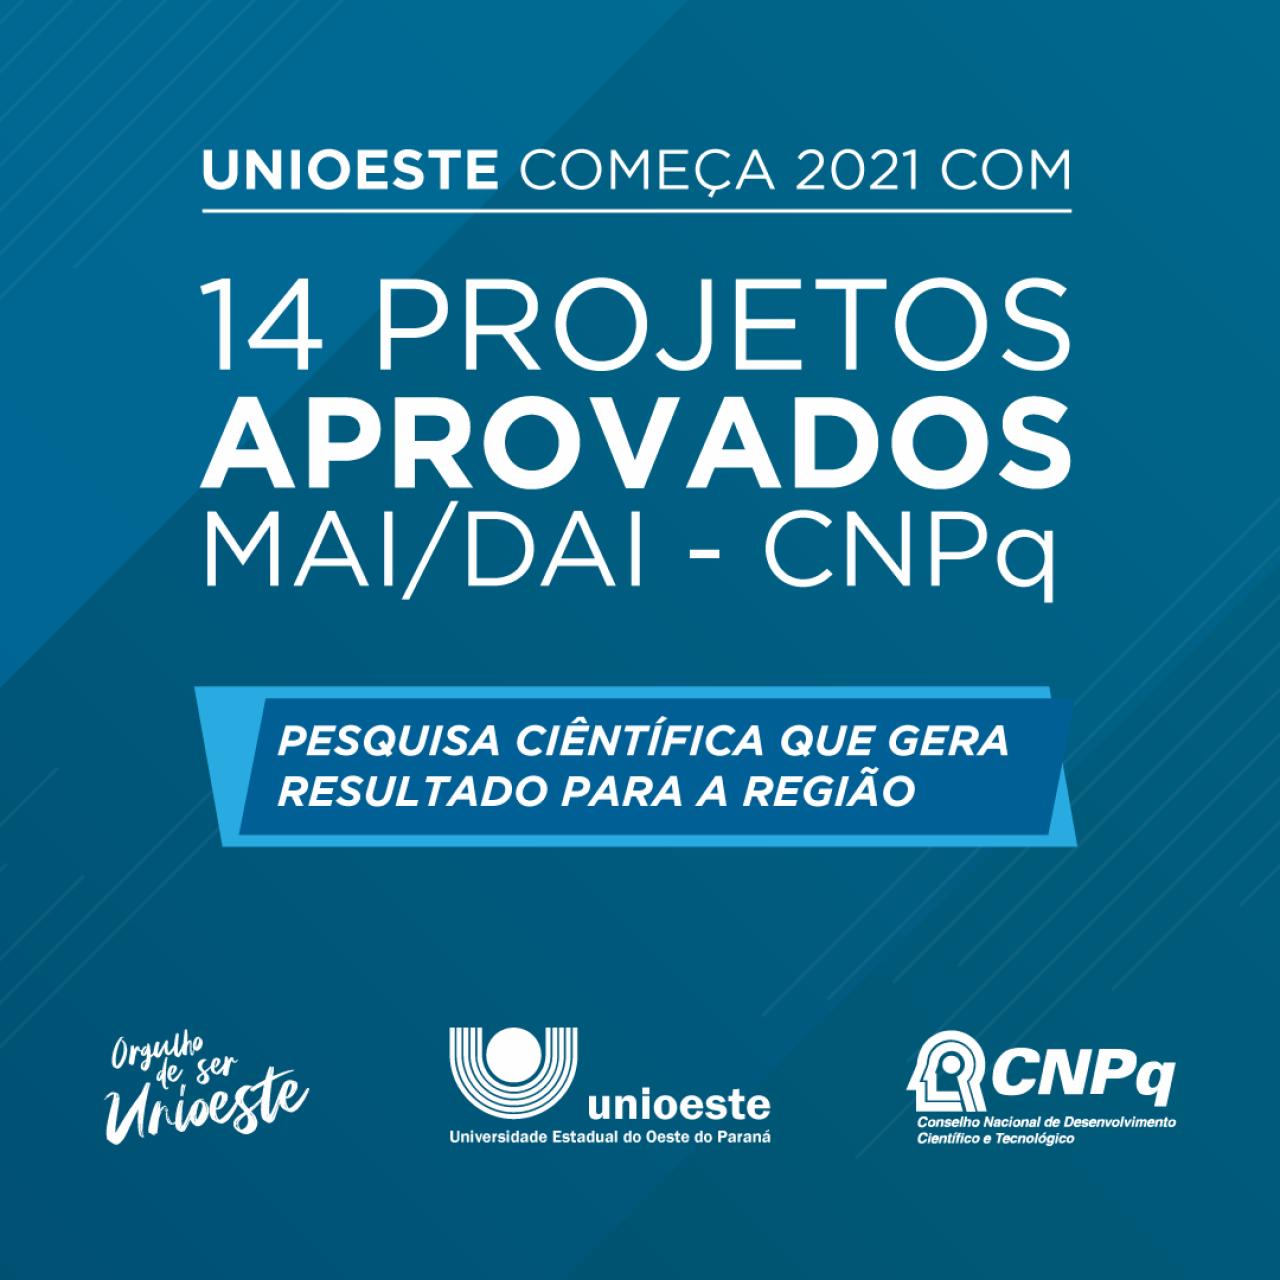 Unioeste envolve empresas em 14 projetos de parceria com Programas de Pós-graduação selecionados pelo CNPq no Programa MAI/DAI